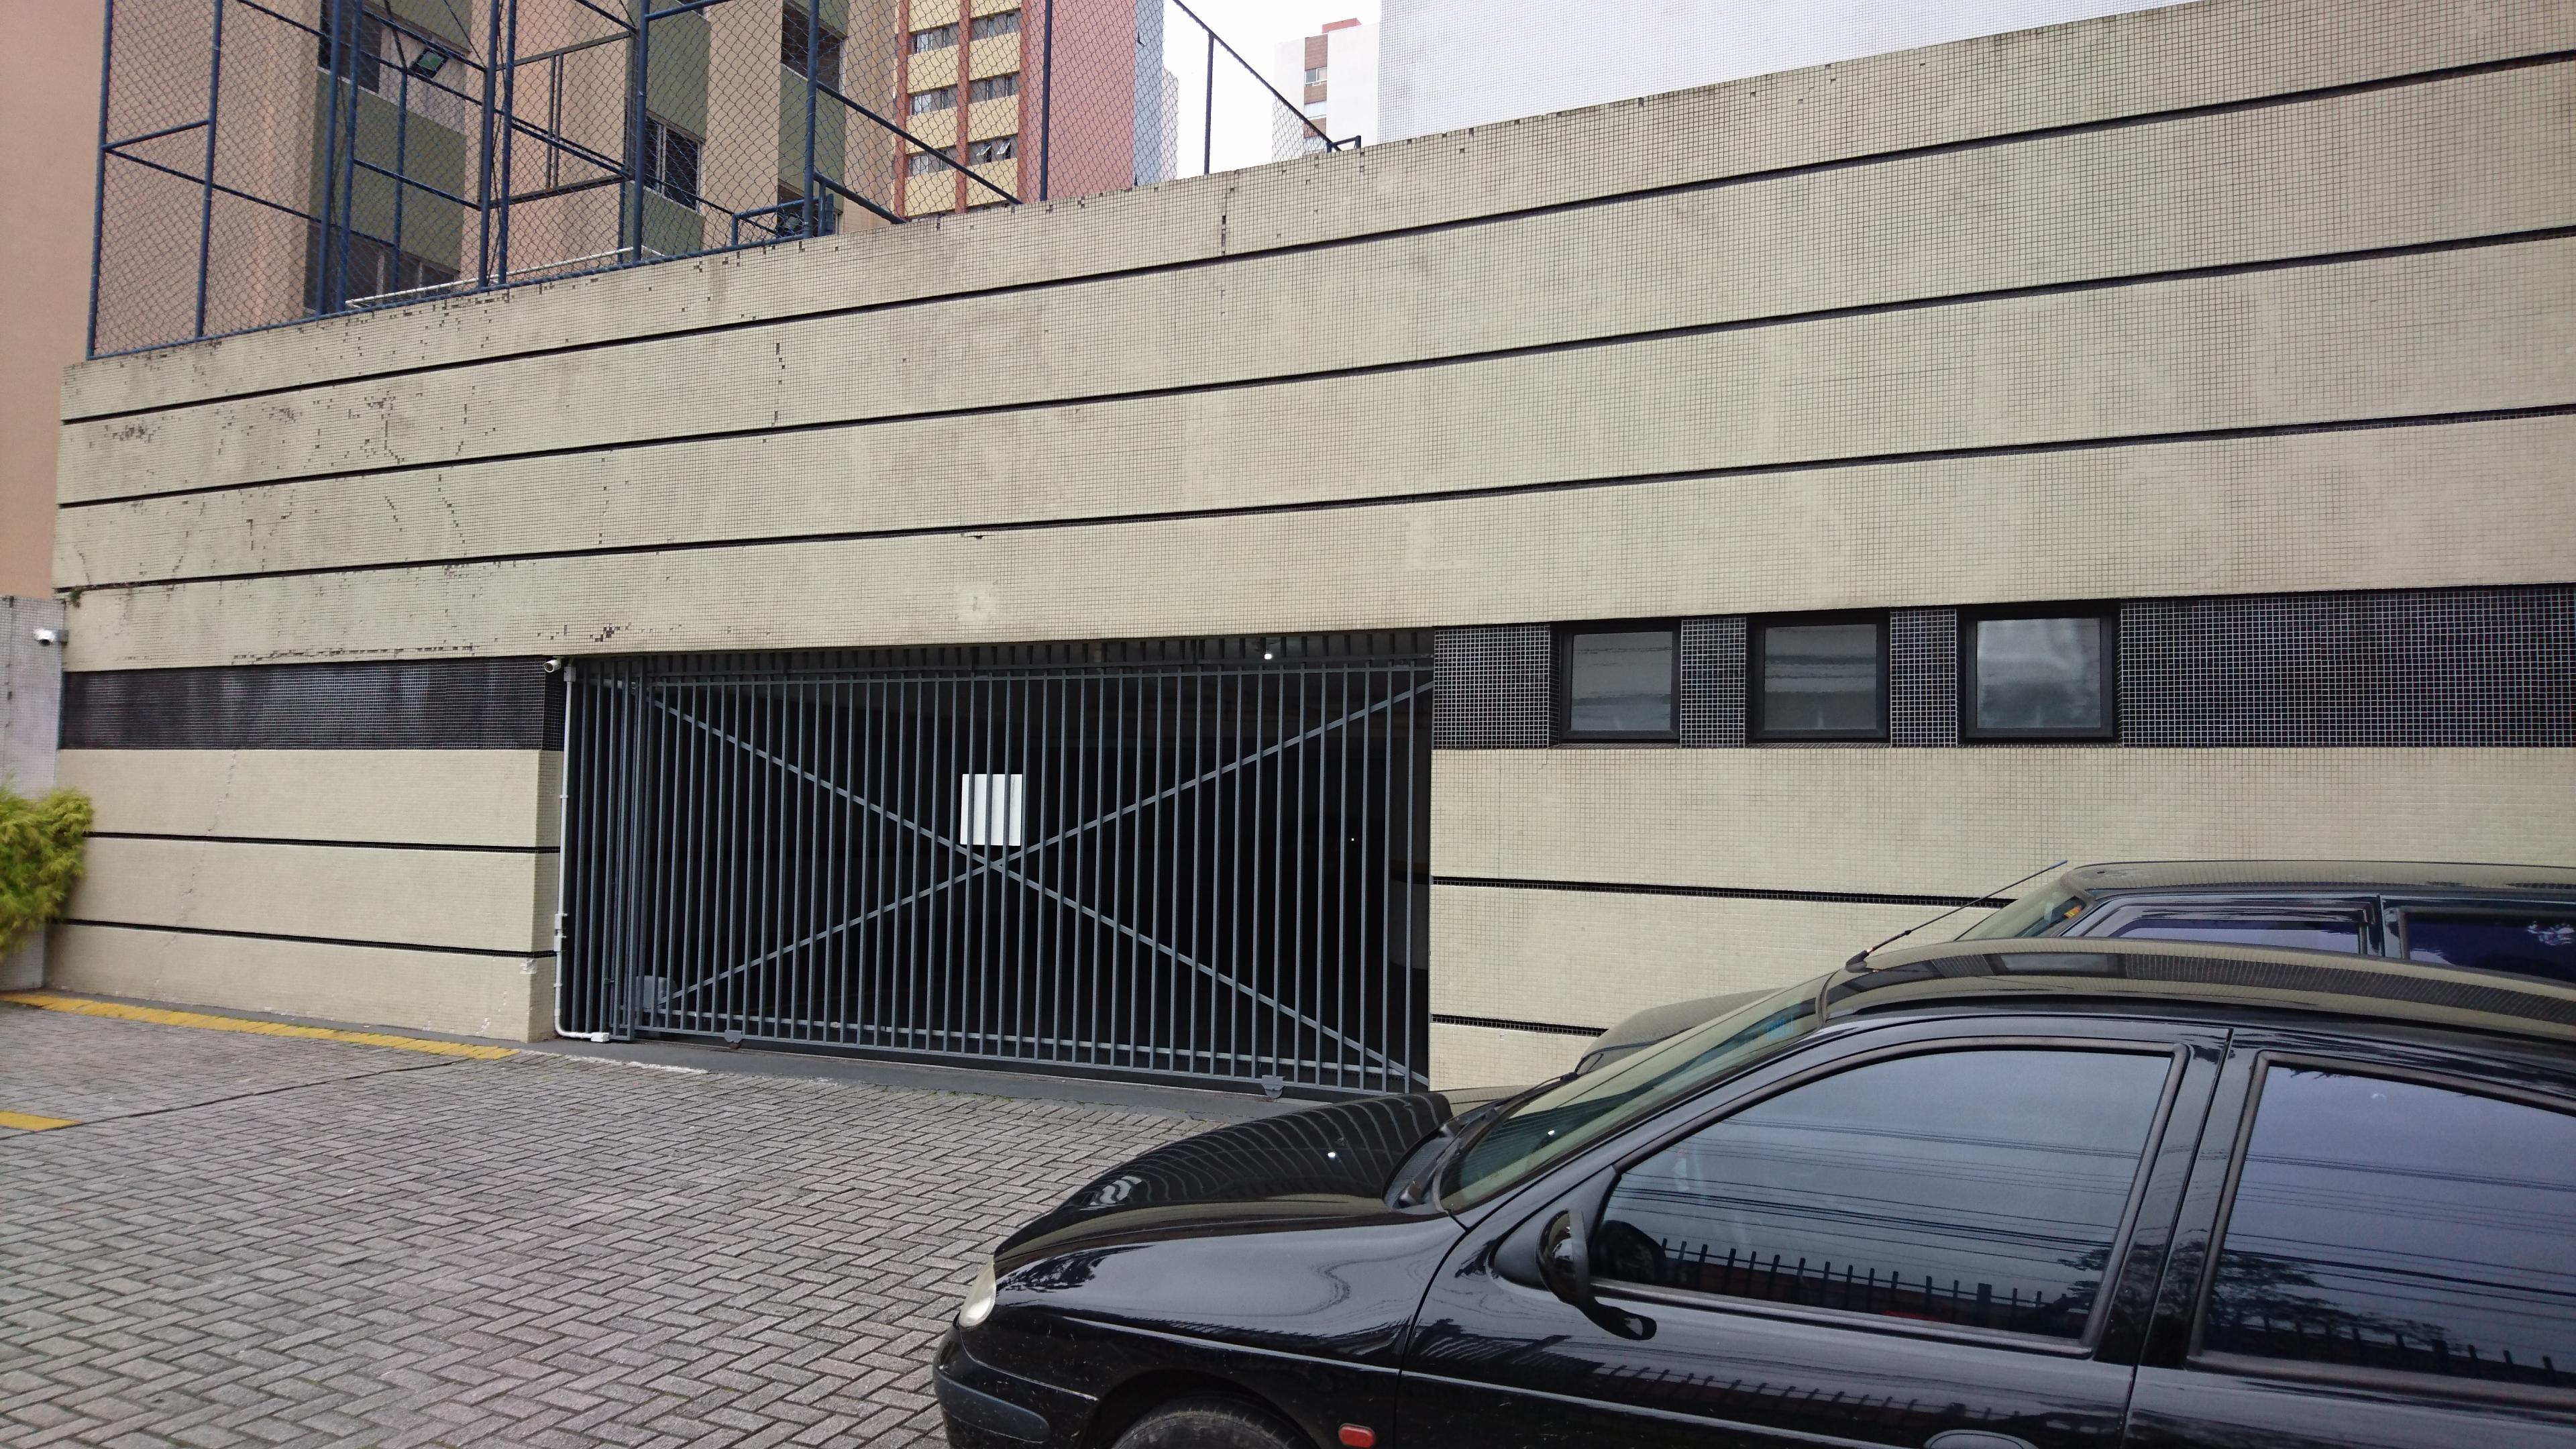 1_-_Manutenção_Predial_Edifício_Joan_Mir